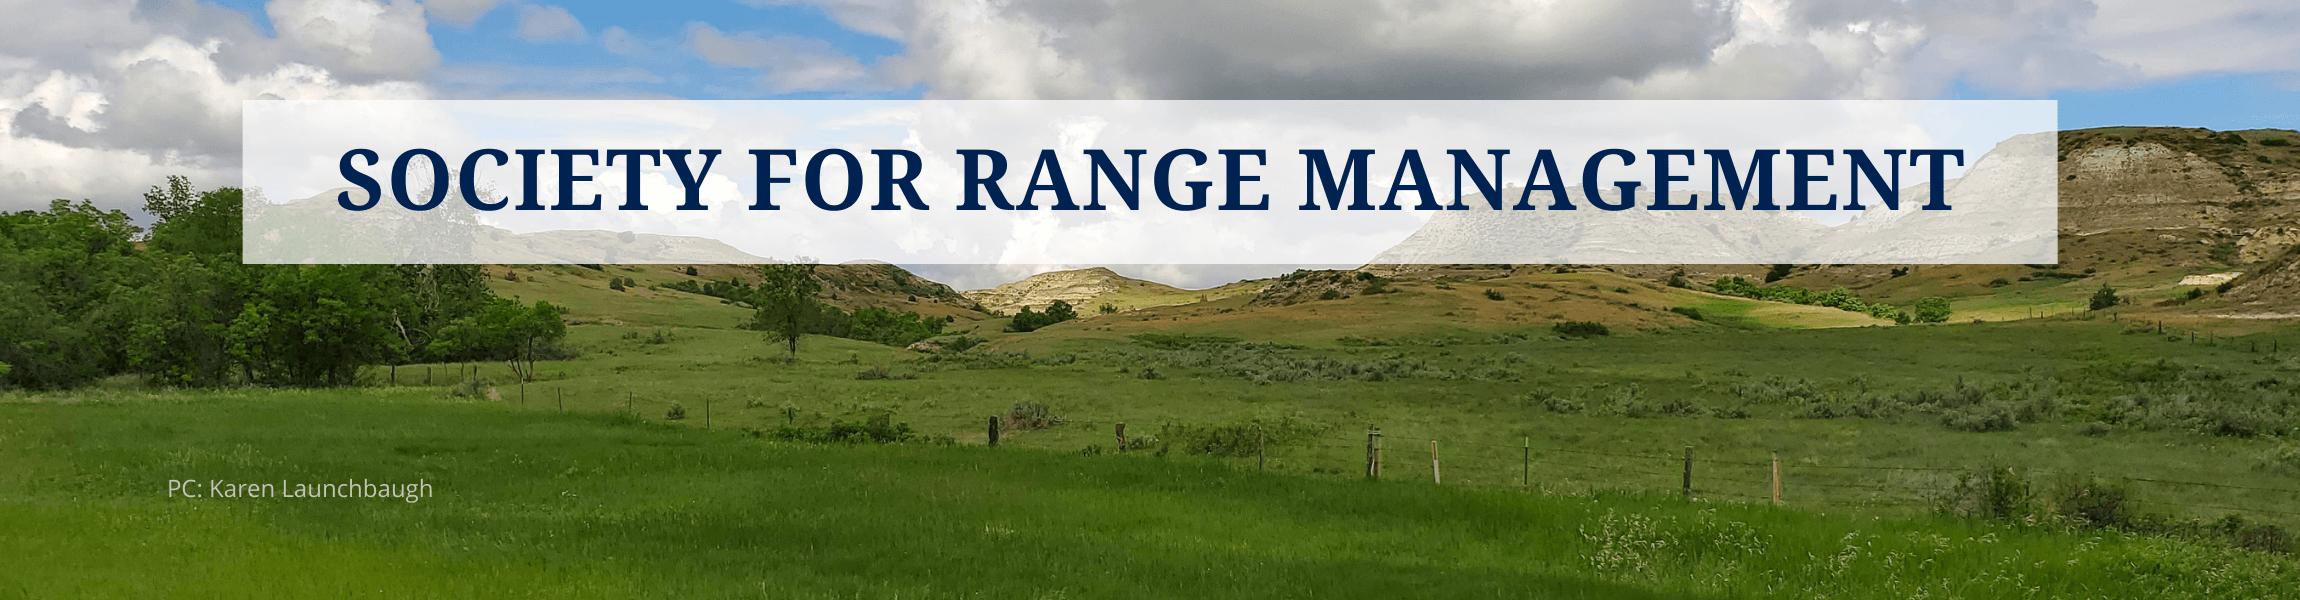 Society for range management-6